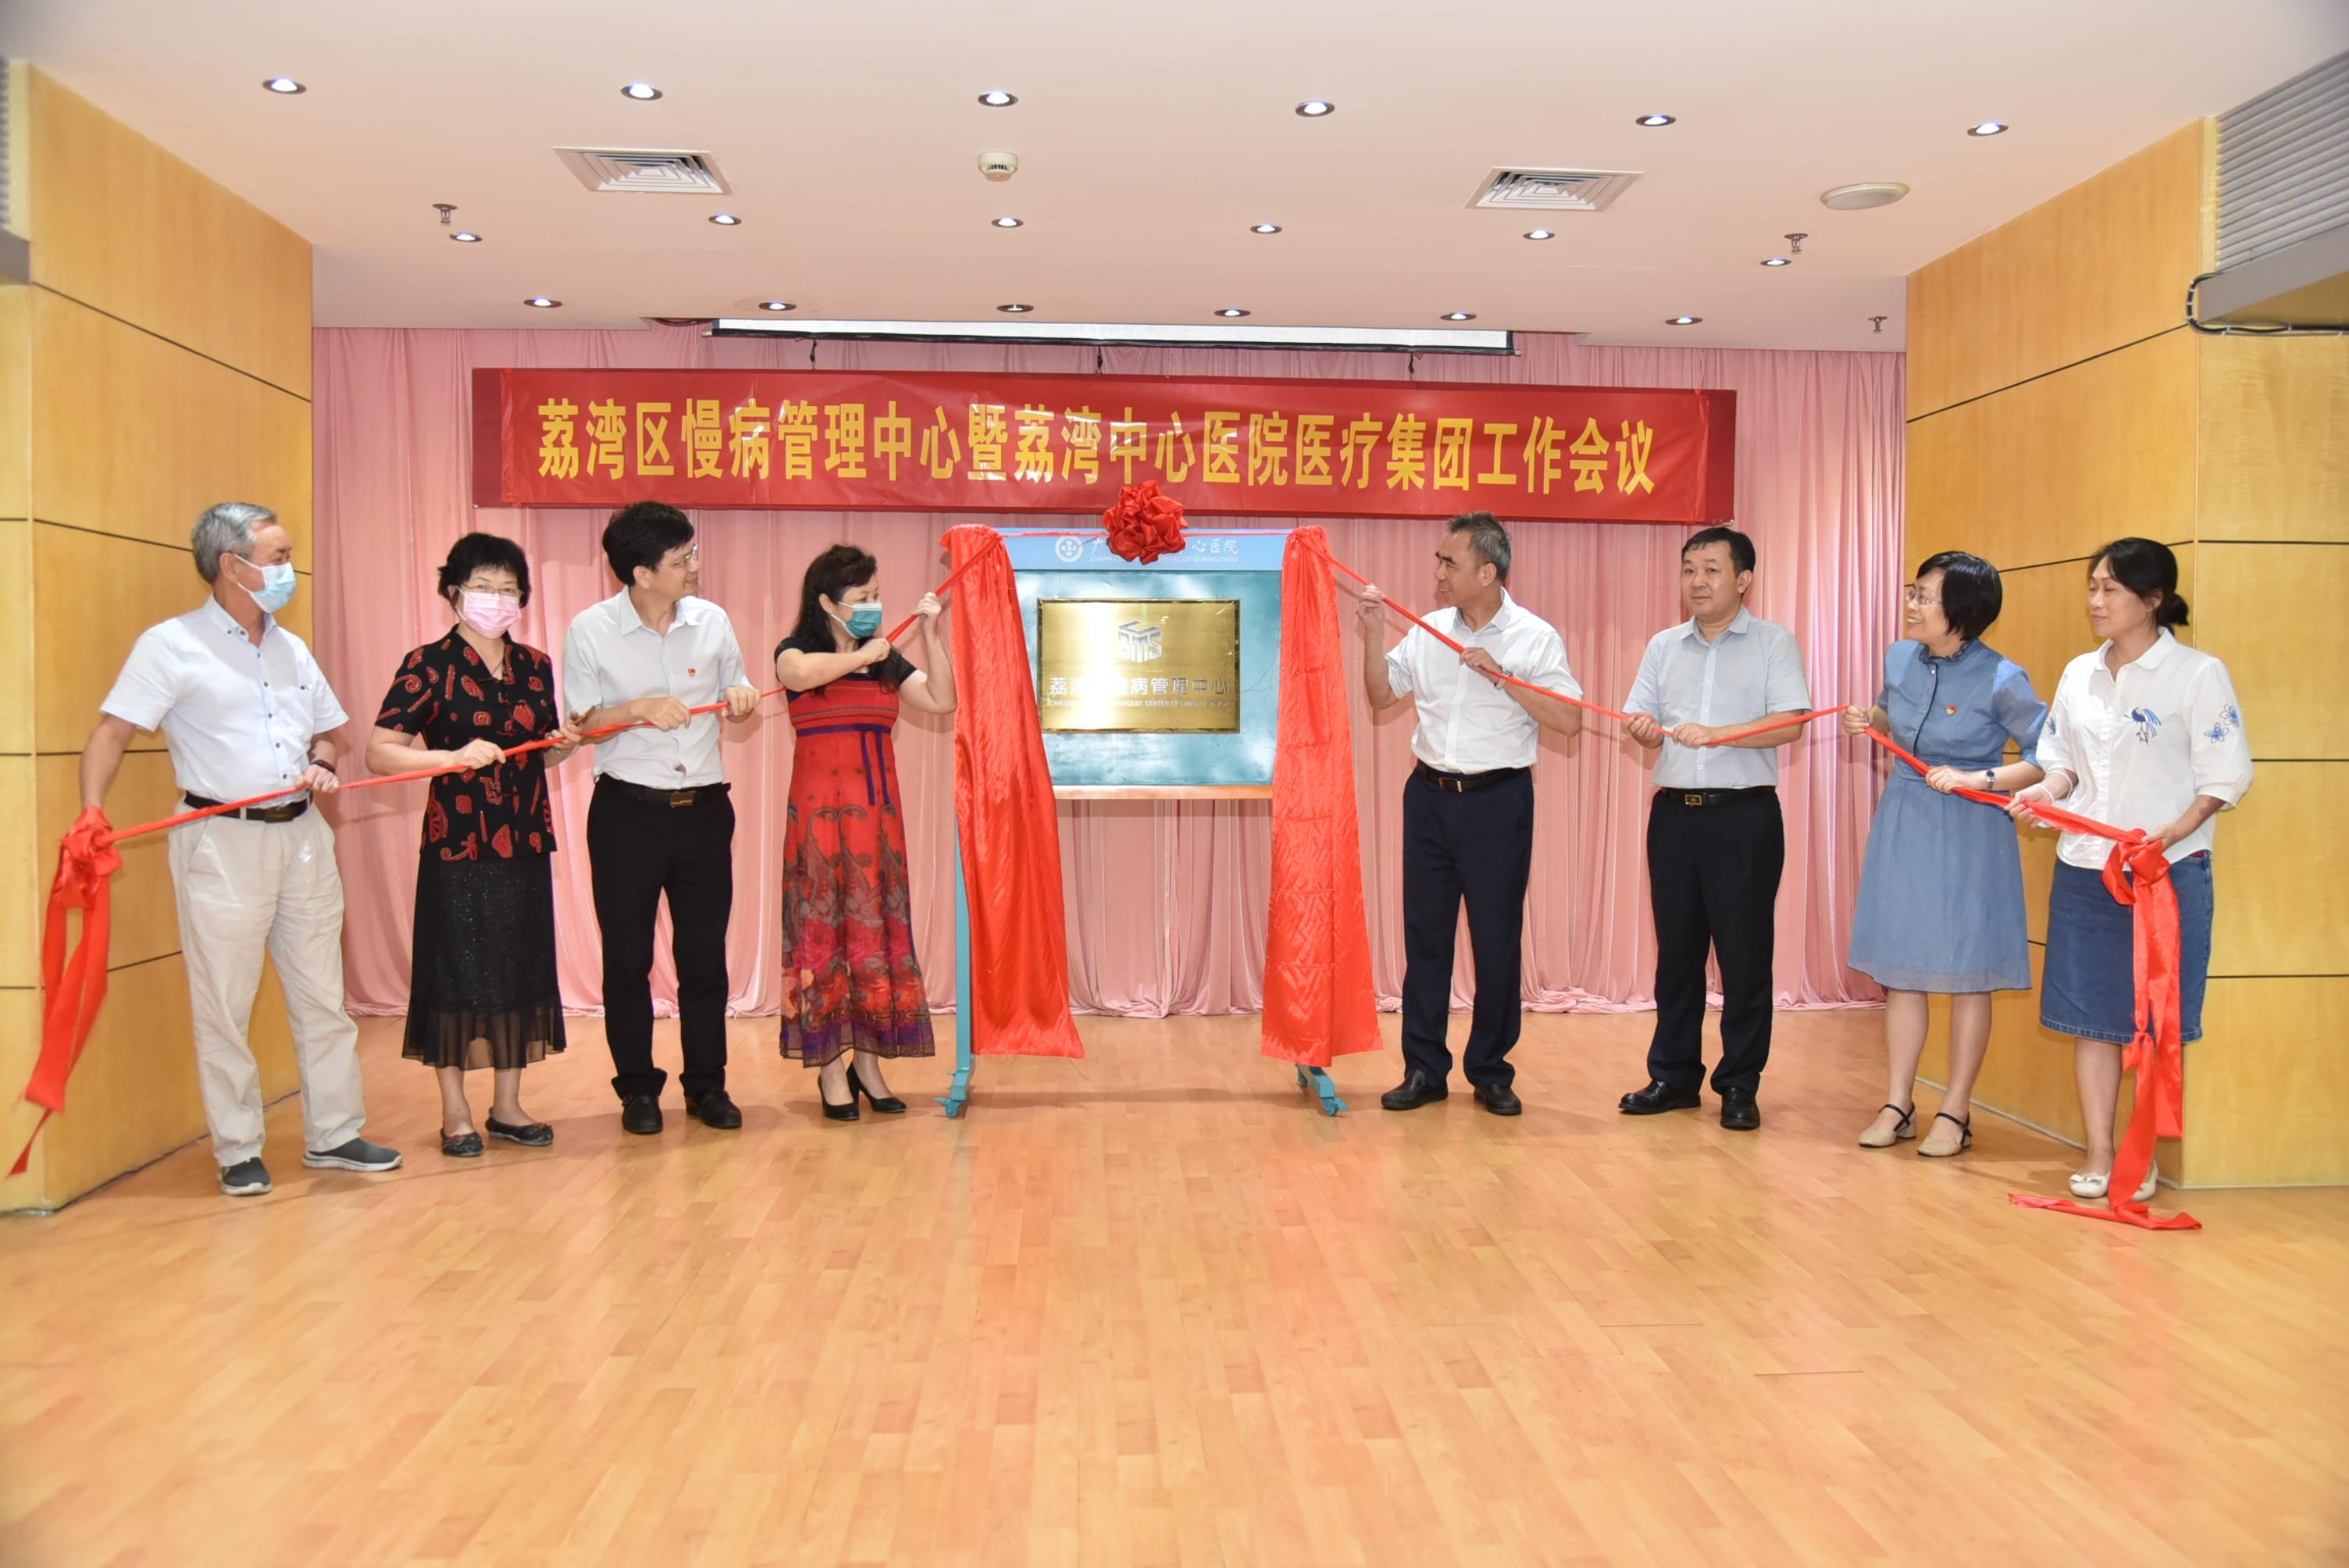 医防融合、协同管理、信息整合、多方参与——荔湾区在荔湾中心医院成立首个慢病管理中心